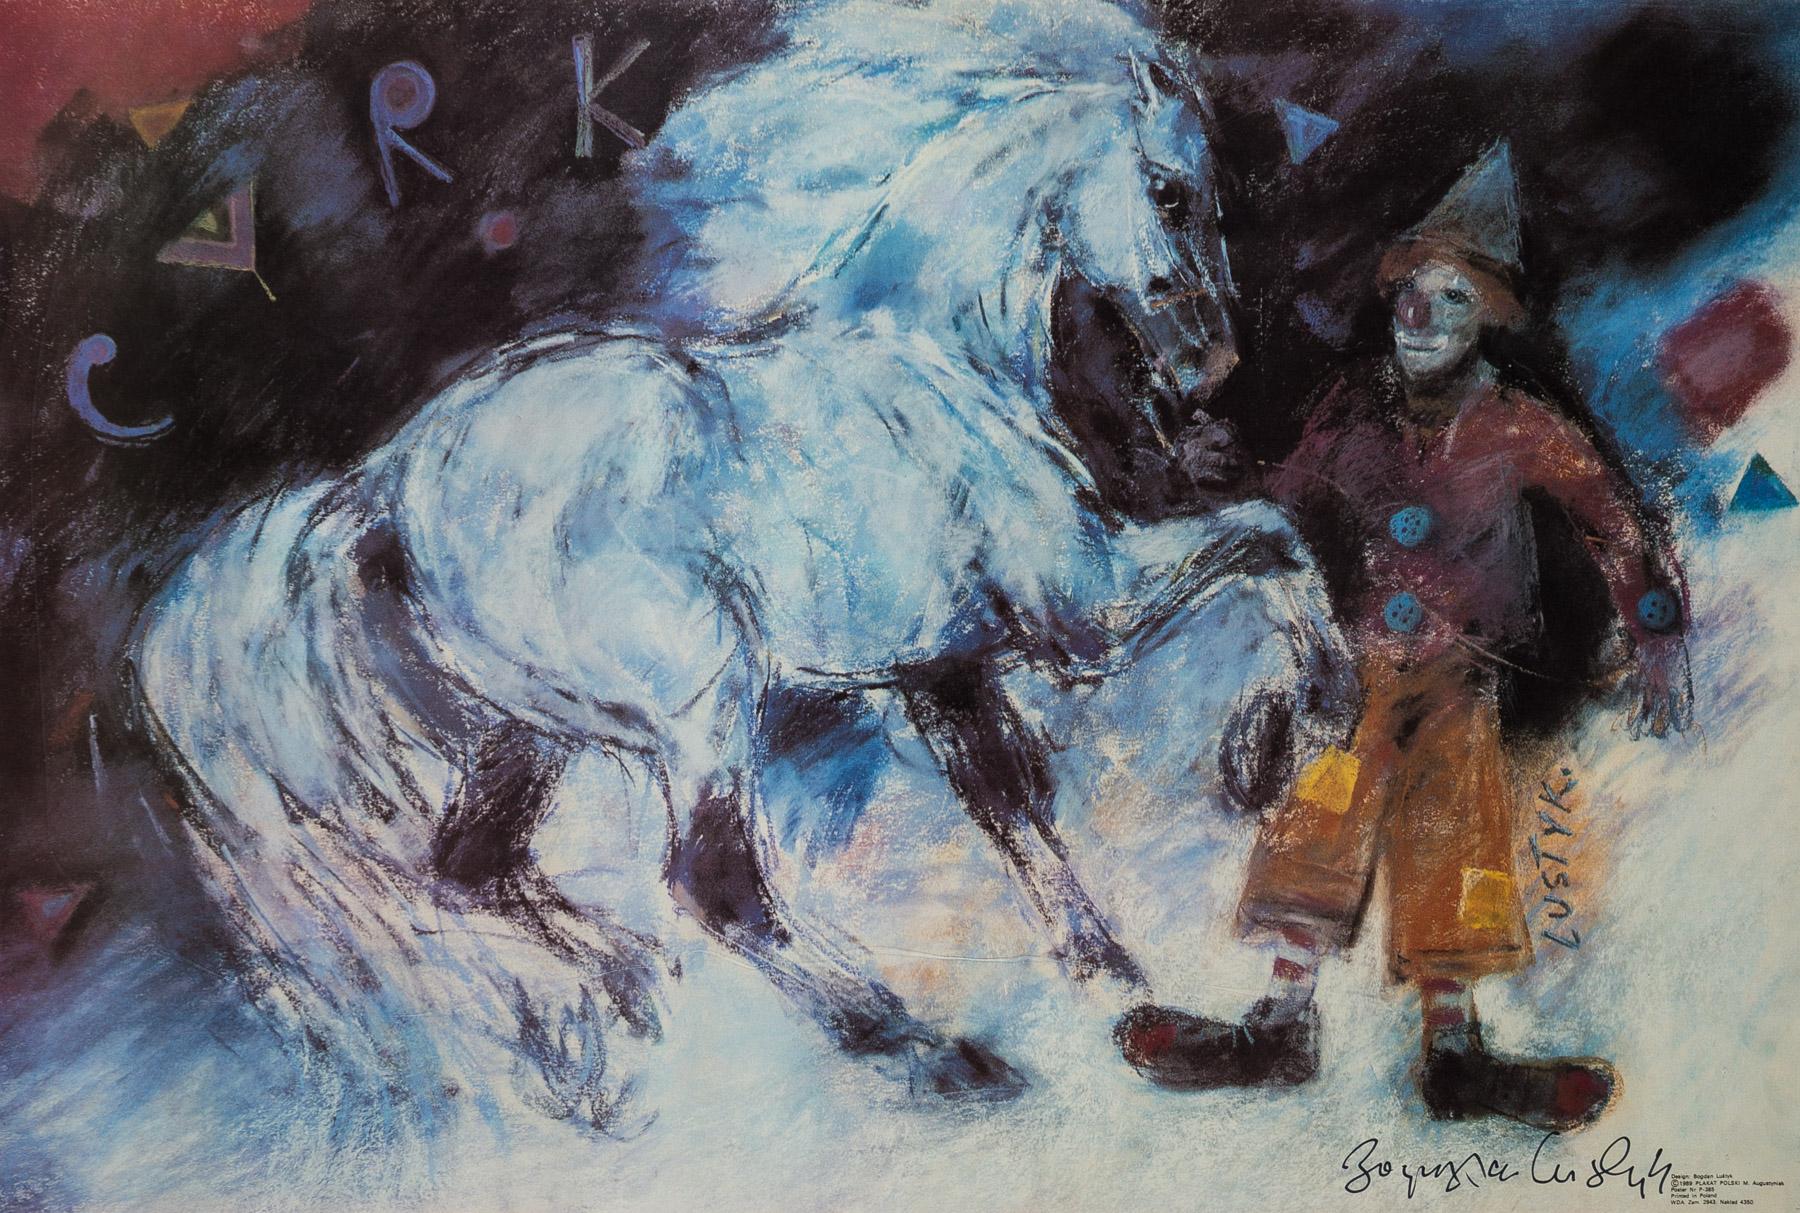 Cyrk, 1989